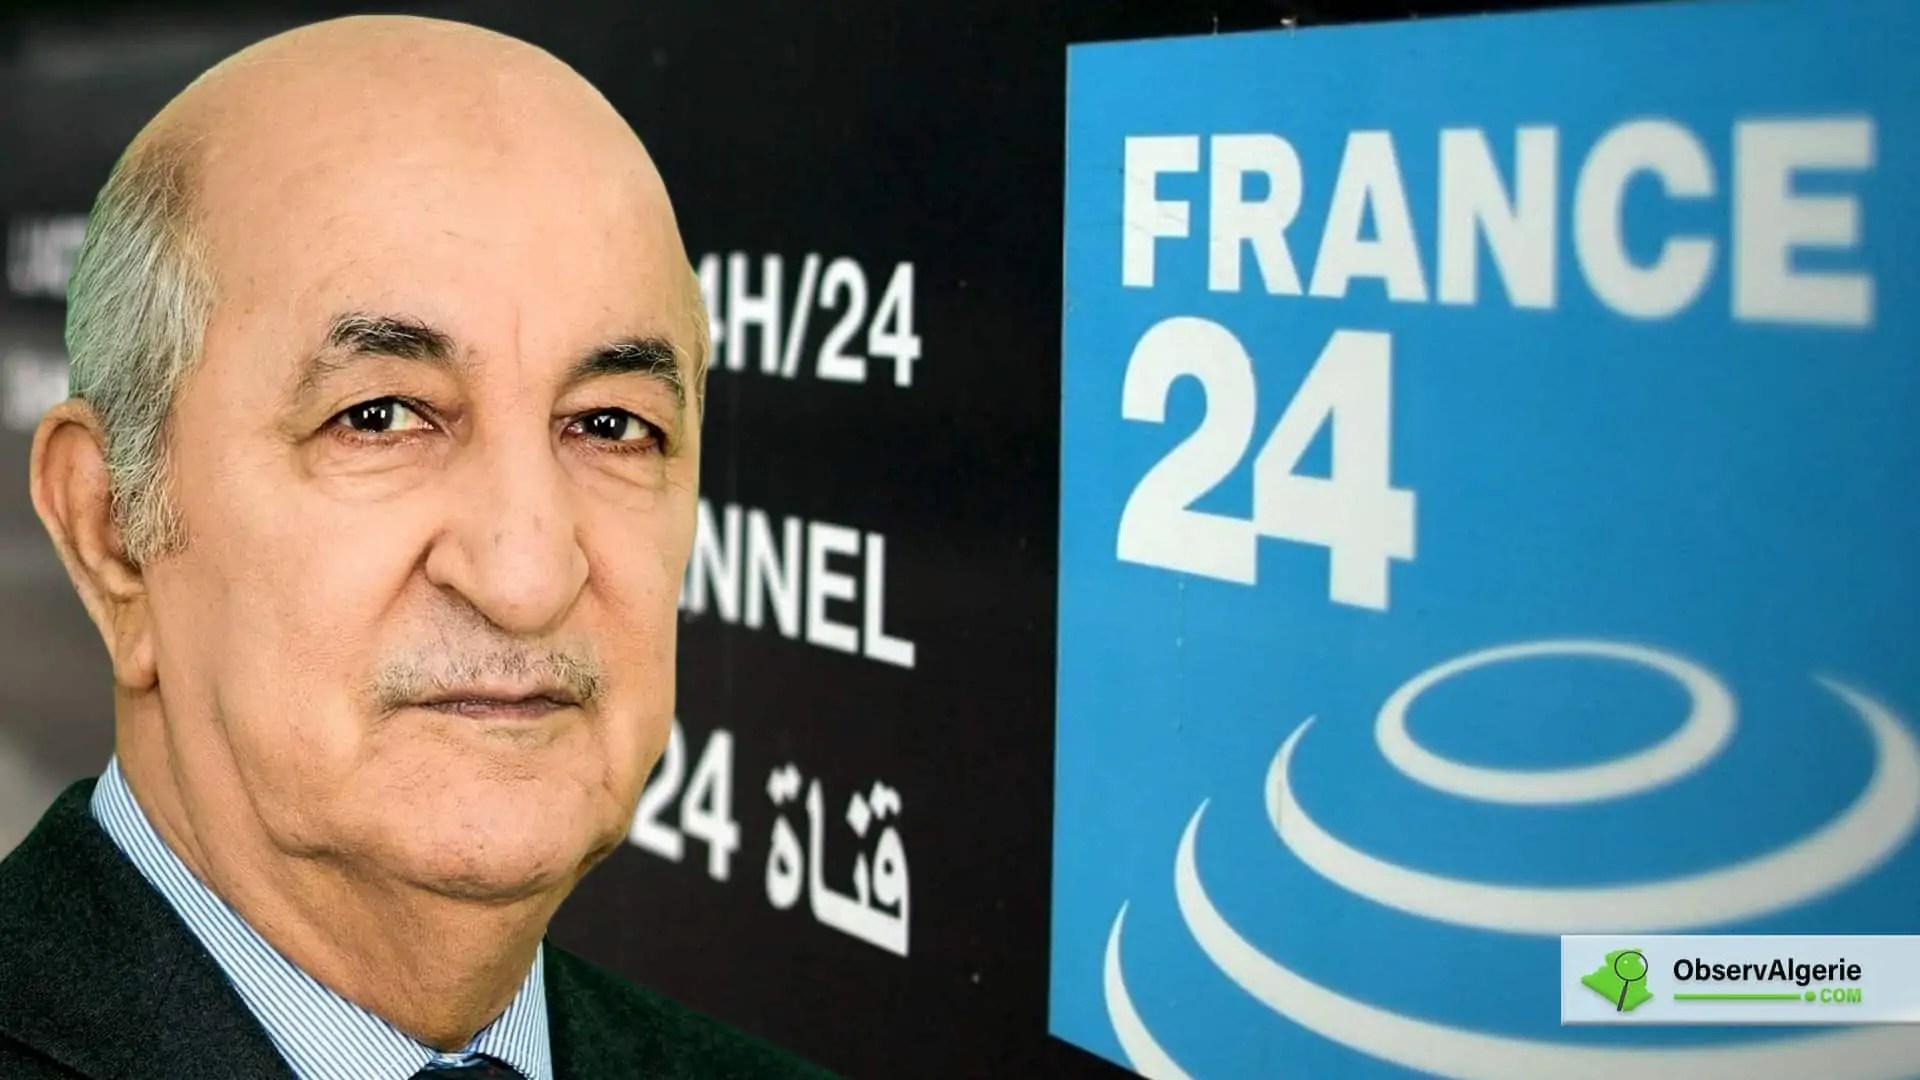 Algérie : Les grandes annonces de Abdelmadjid Tebboune sur France 24